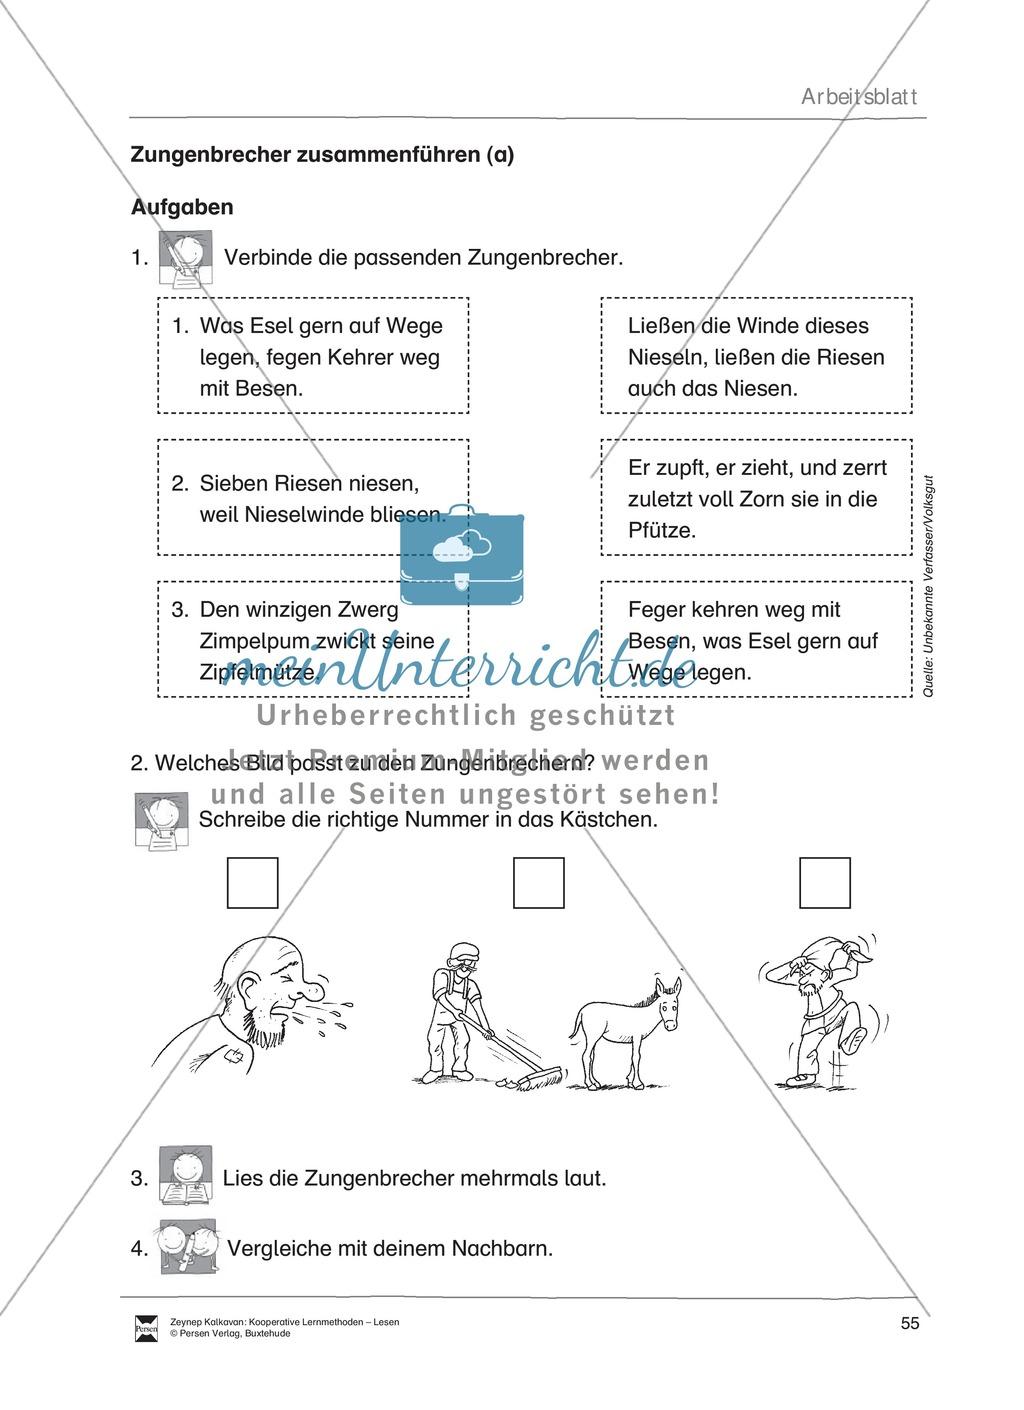 Unterrichtsbeispiel zu Zungenbrechern. Mit Arbeitsanweisungen, Arbeitsblätter und Lösungen. Preview 1